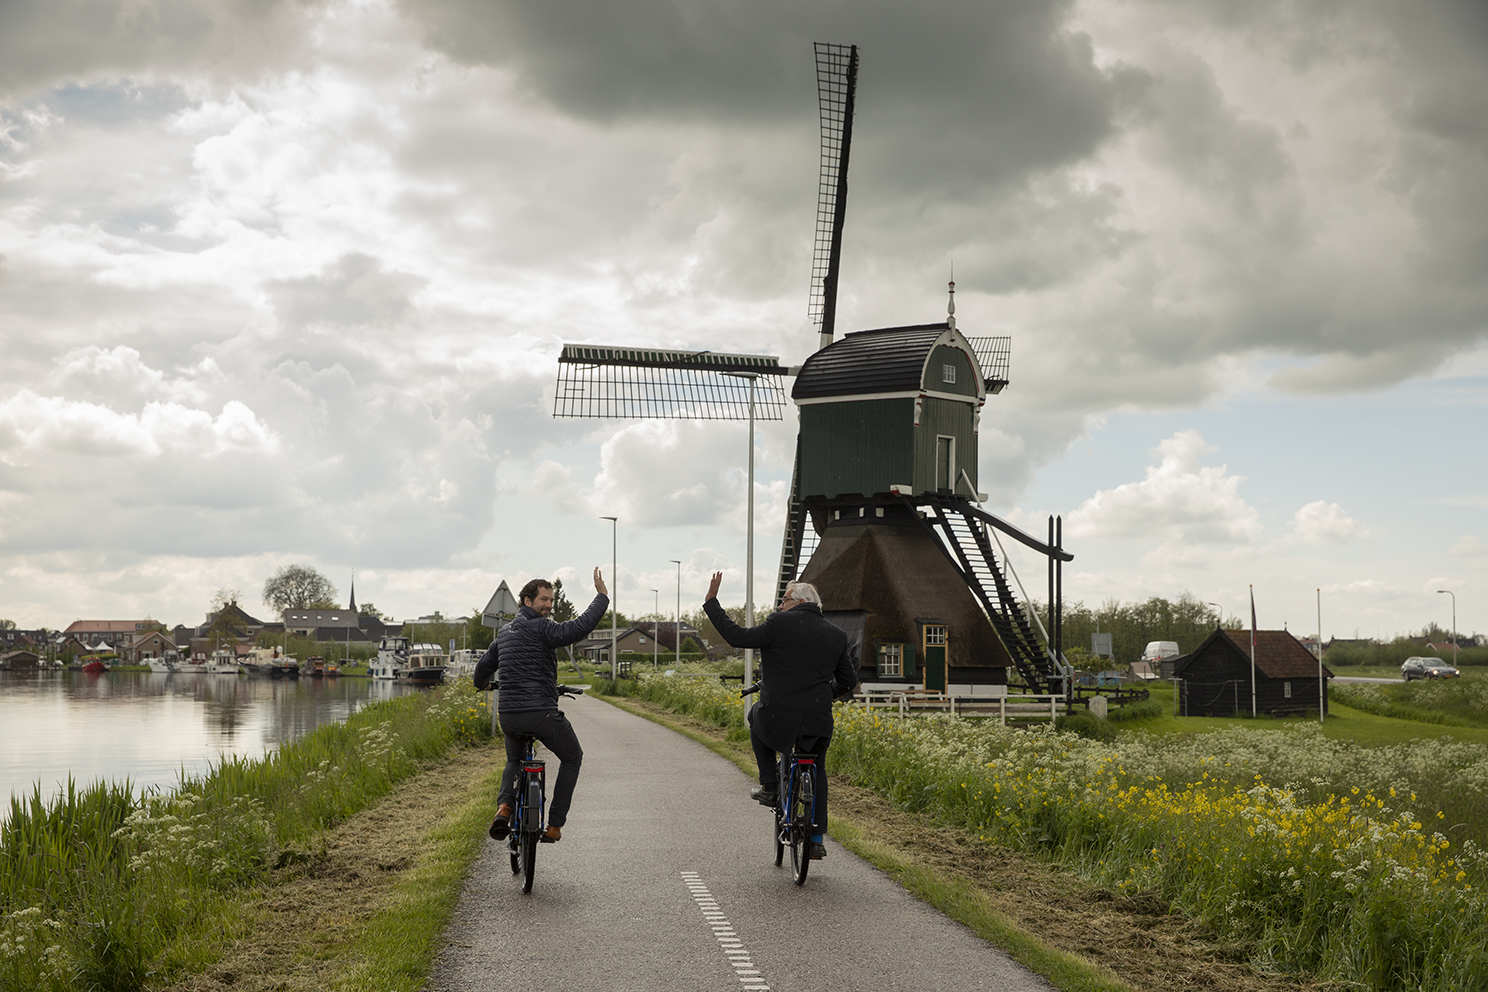 Gedeputeerde en wethouder op de fiets bij de molen in Meerkerk